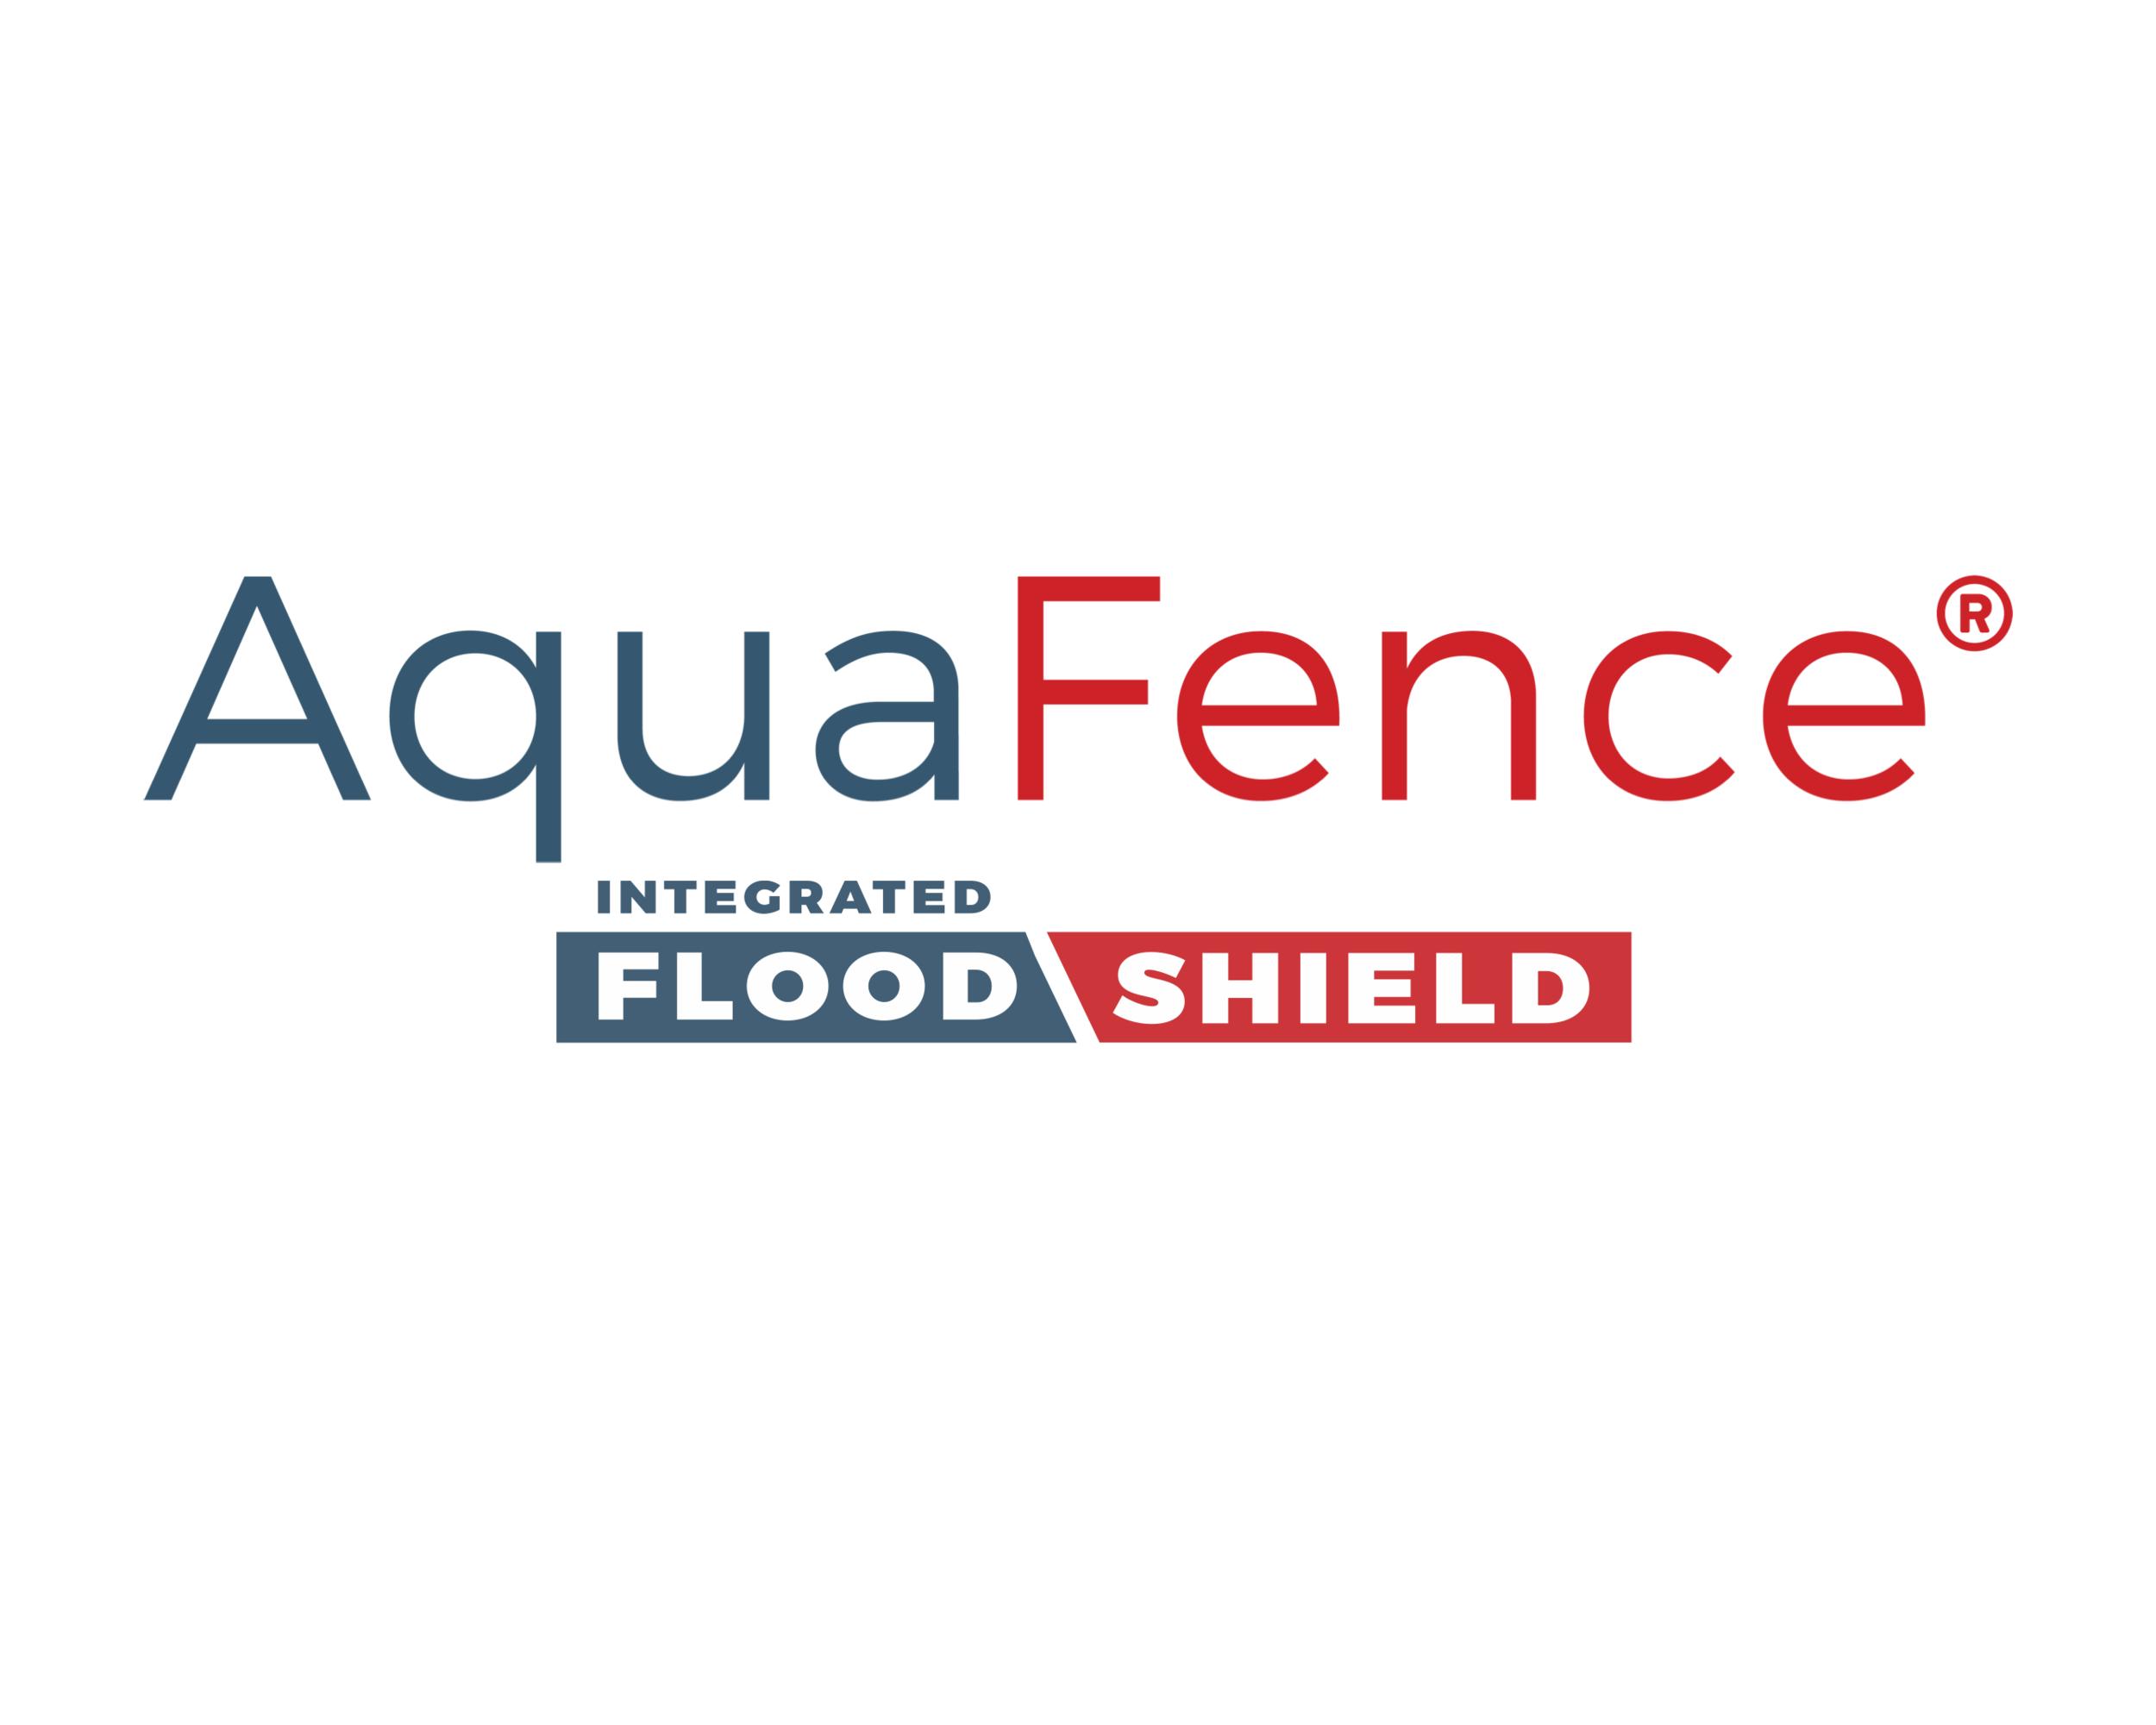 AquaFence FloodShield new2-kopi.png